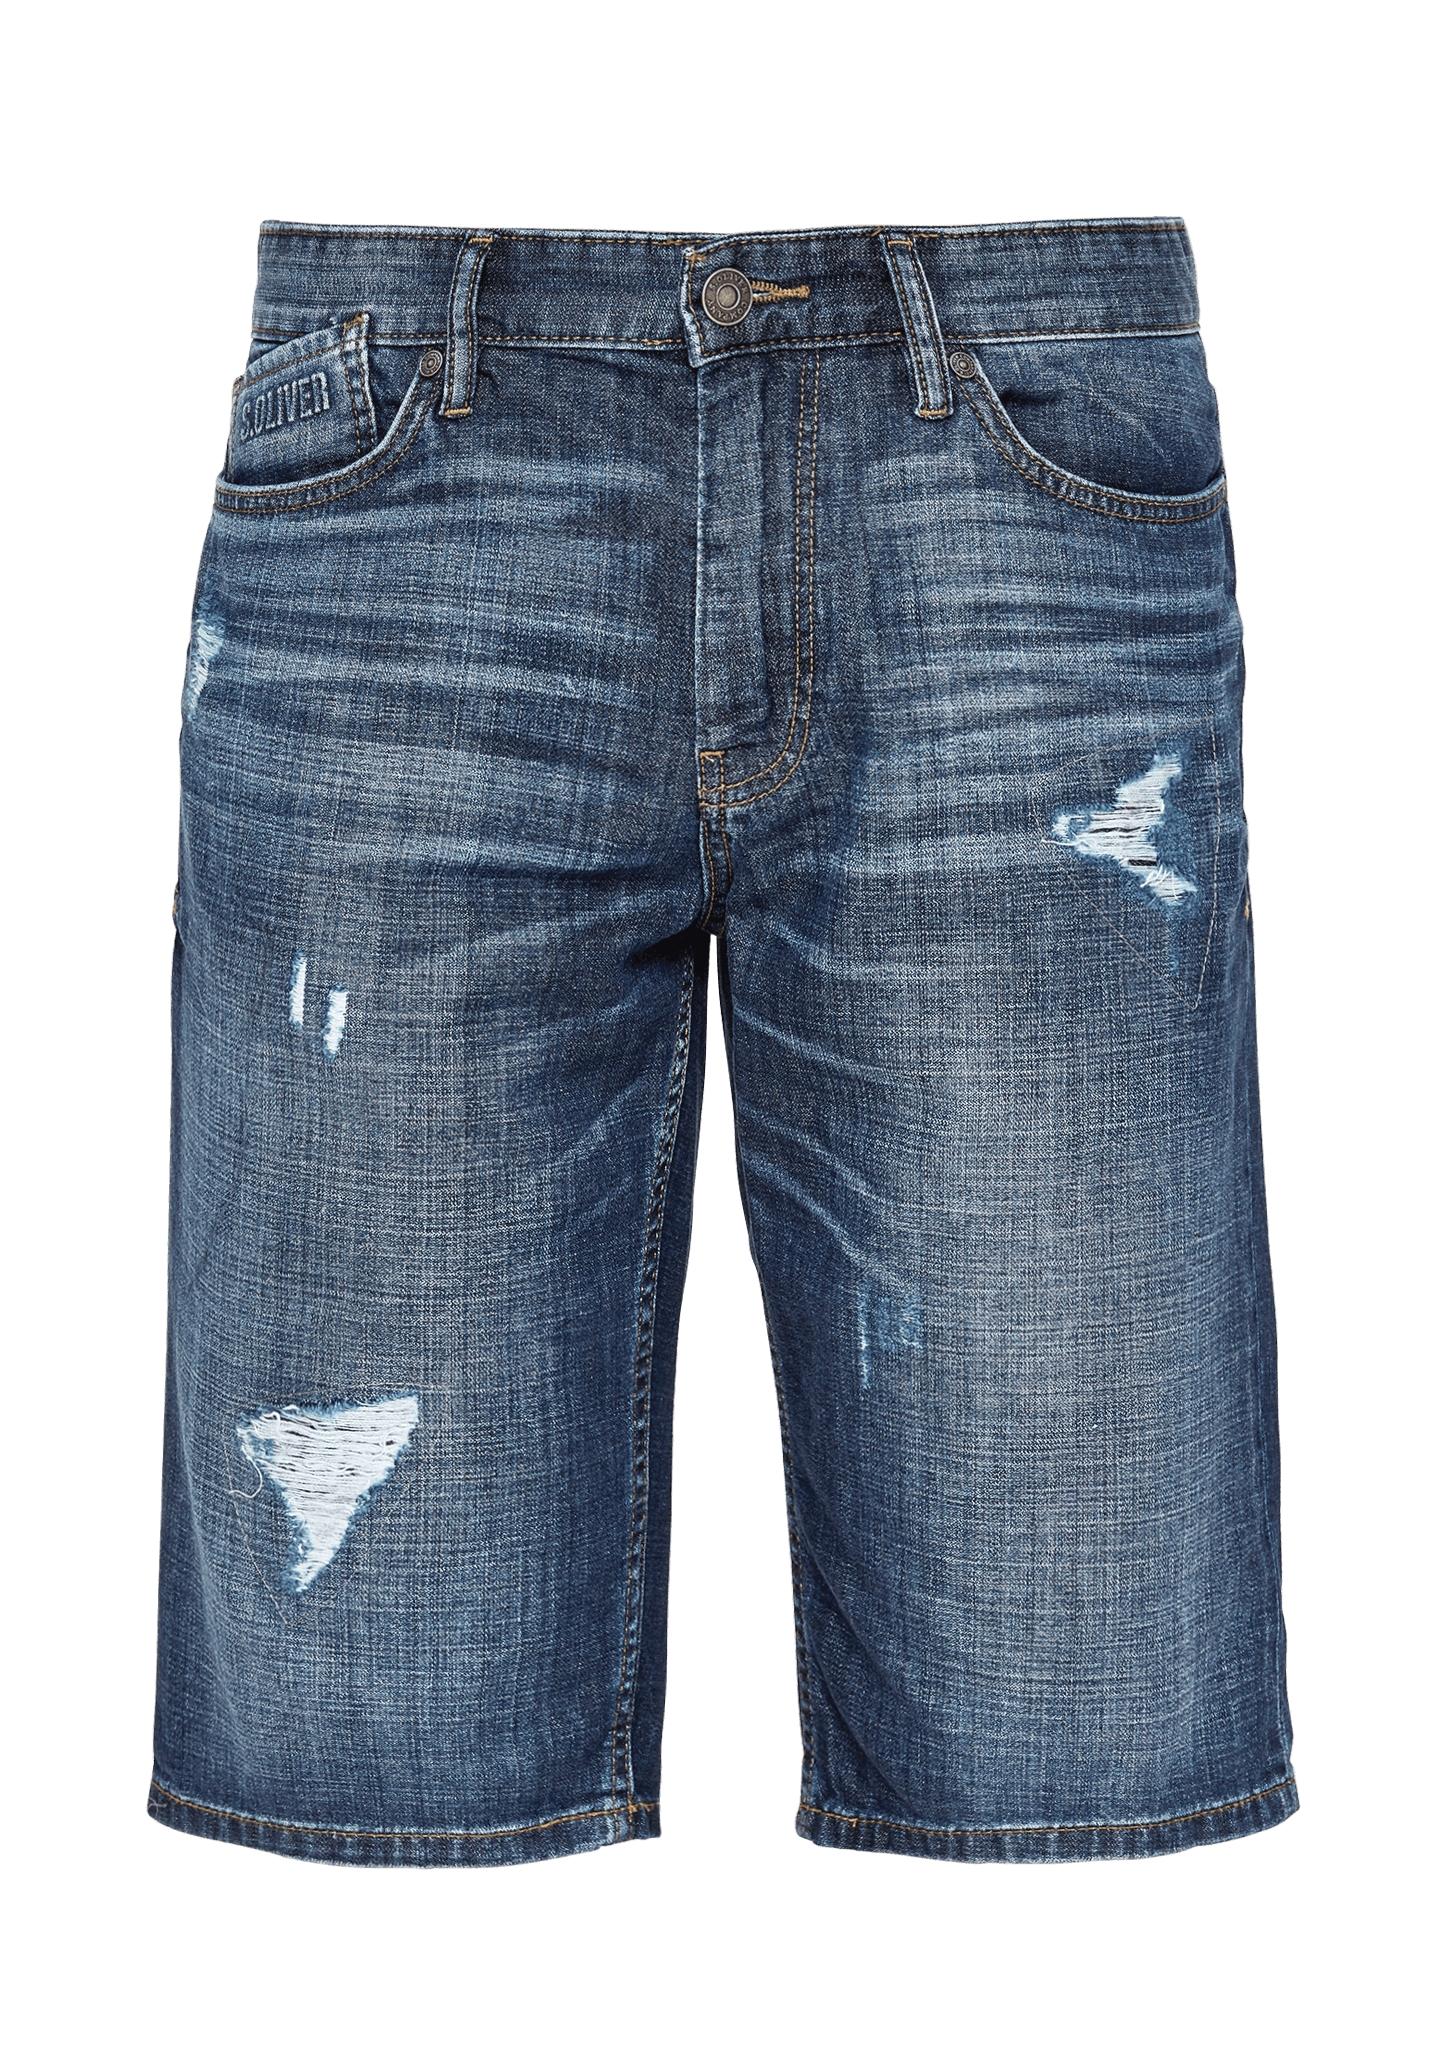 Bermuda   Bekleidung > Shorts & Bermudas   Blau   100% baumwolle  enthält nichttextile teile tierischen ursprungs (leder-patch)   s.Oliver